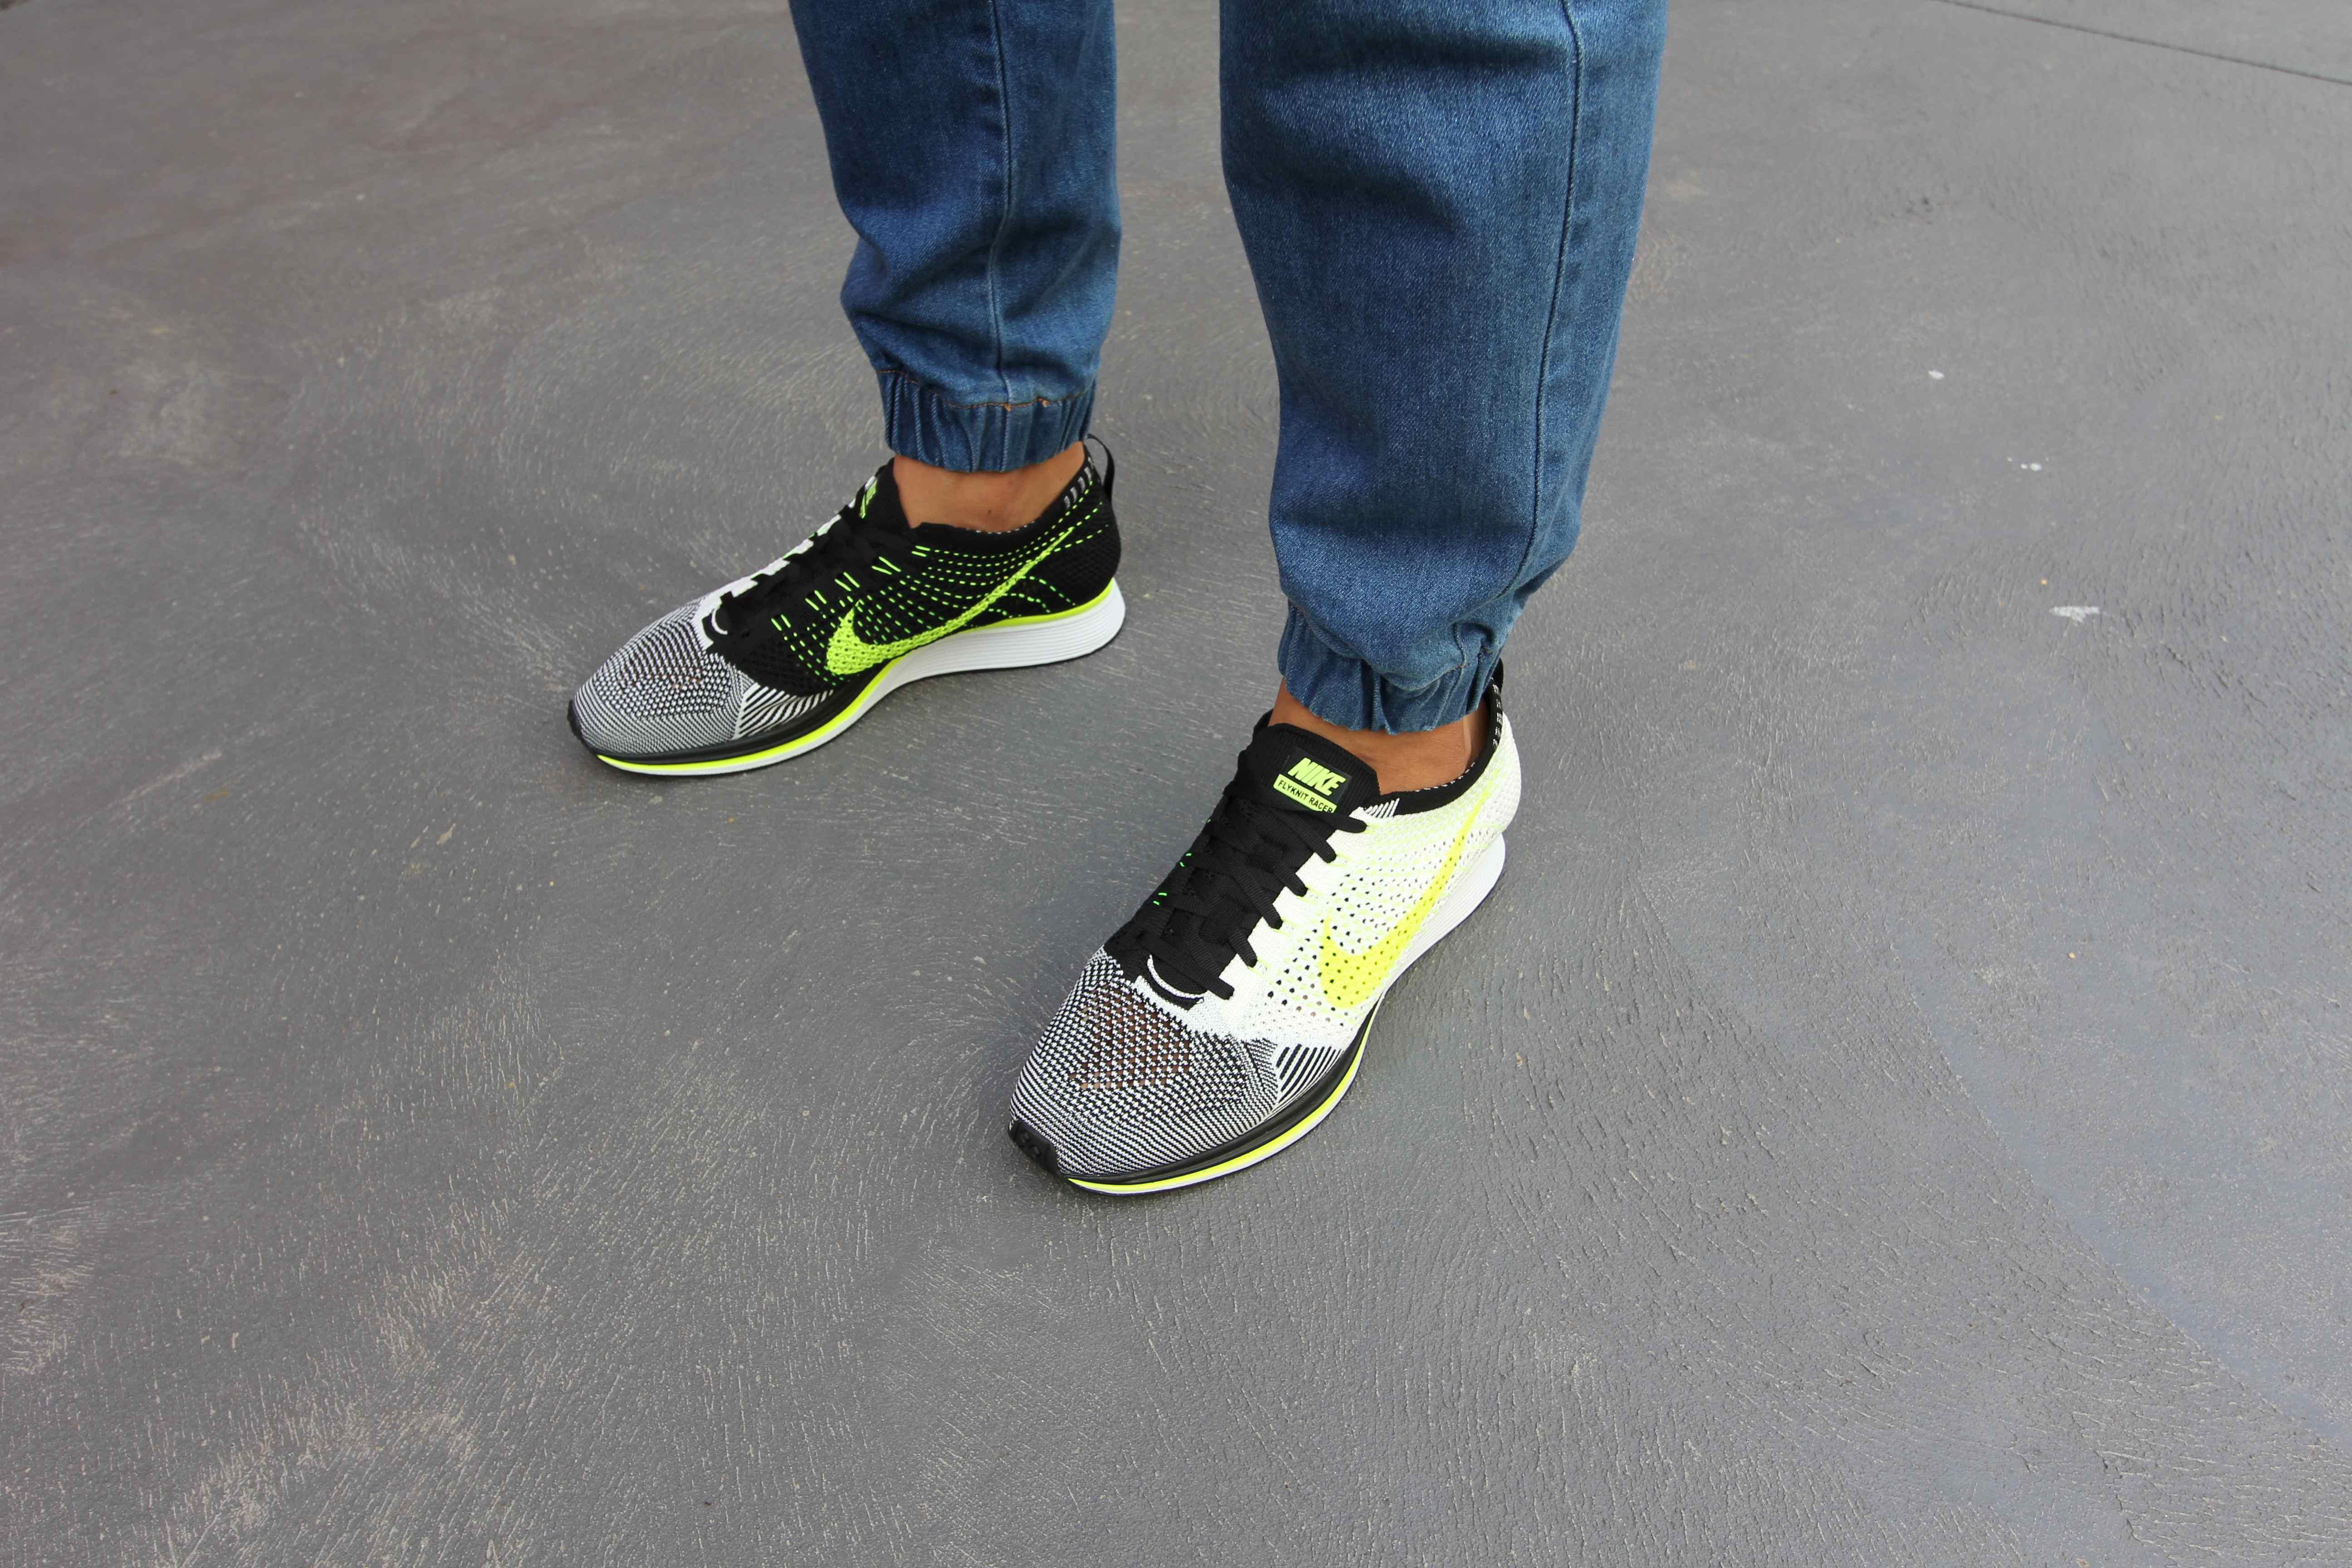 5fefc5052a1f nike flyknit racer black white men women trainers shoes  nike flyknit racer  smf